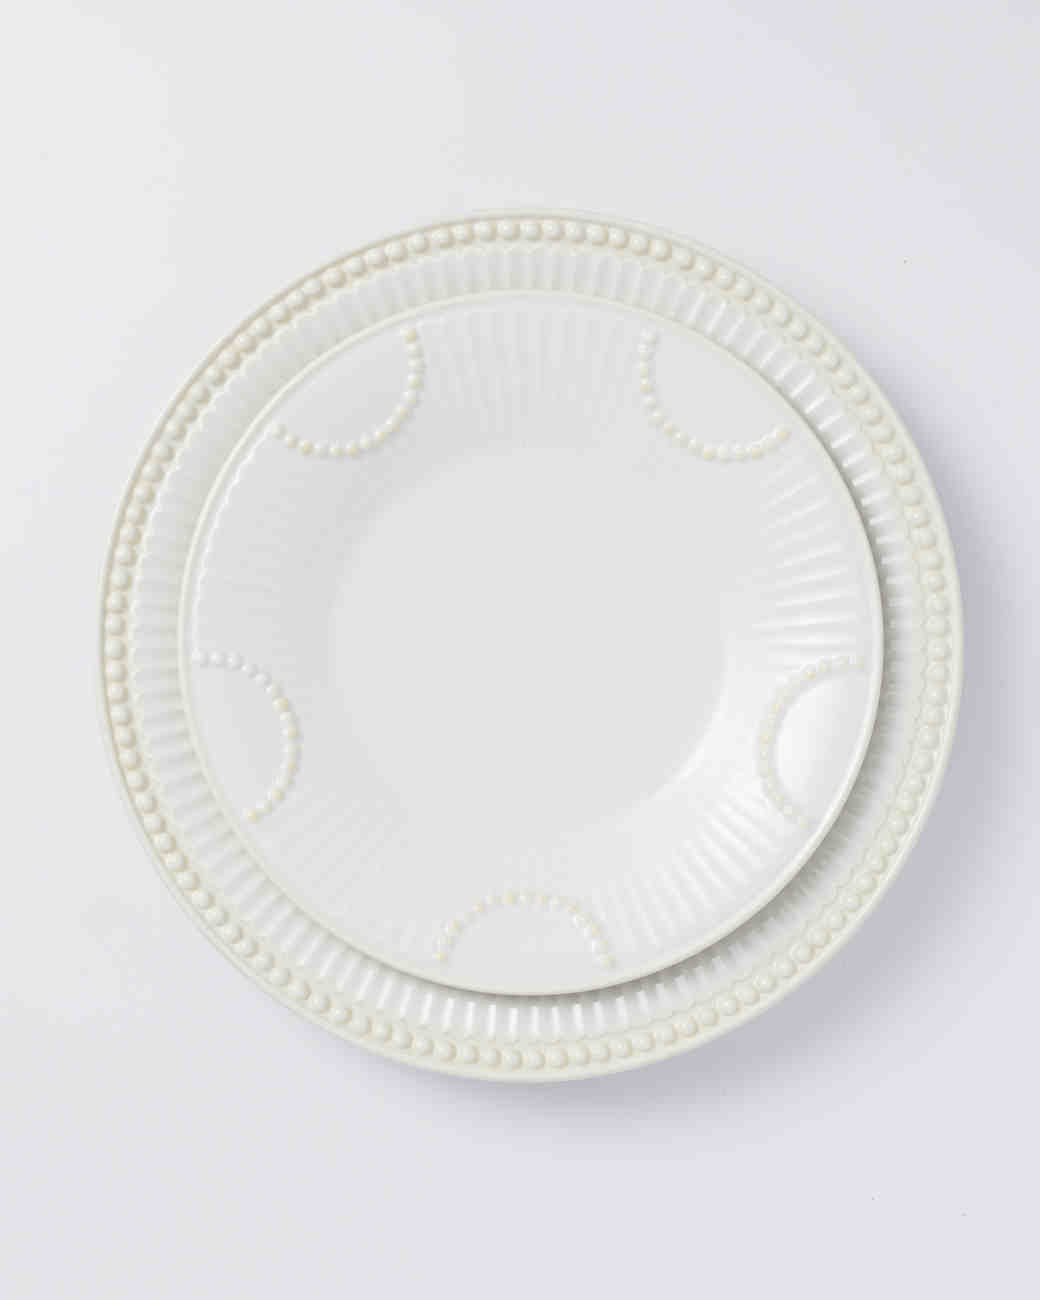 china-registry-essentials-lenox-butlers-pantry-dinnerware-040-d111317-1014.jpg